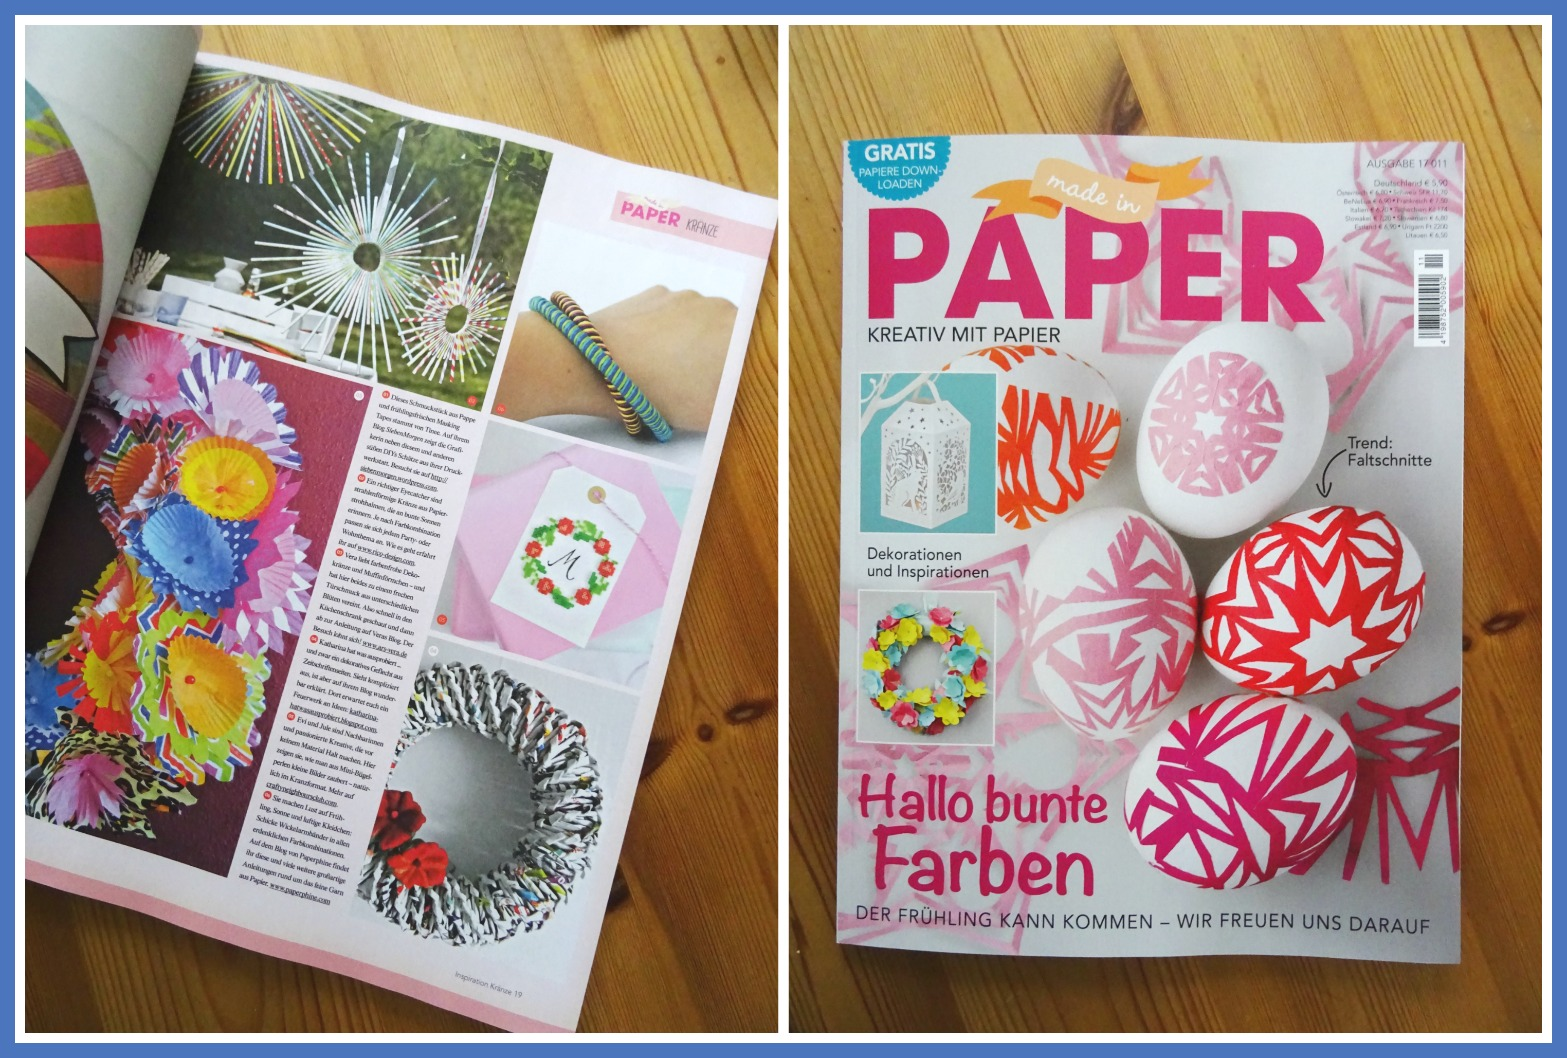 ich hab da mal was ausprobiert: Papierkranz aus alten Zeitschriften